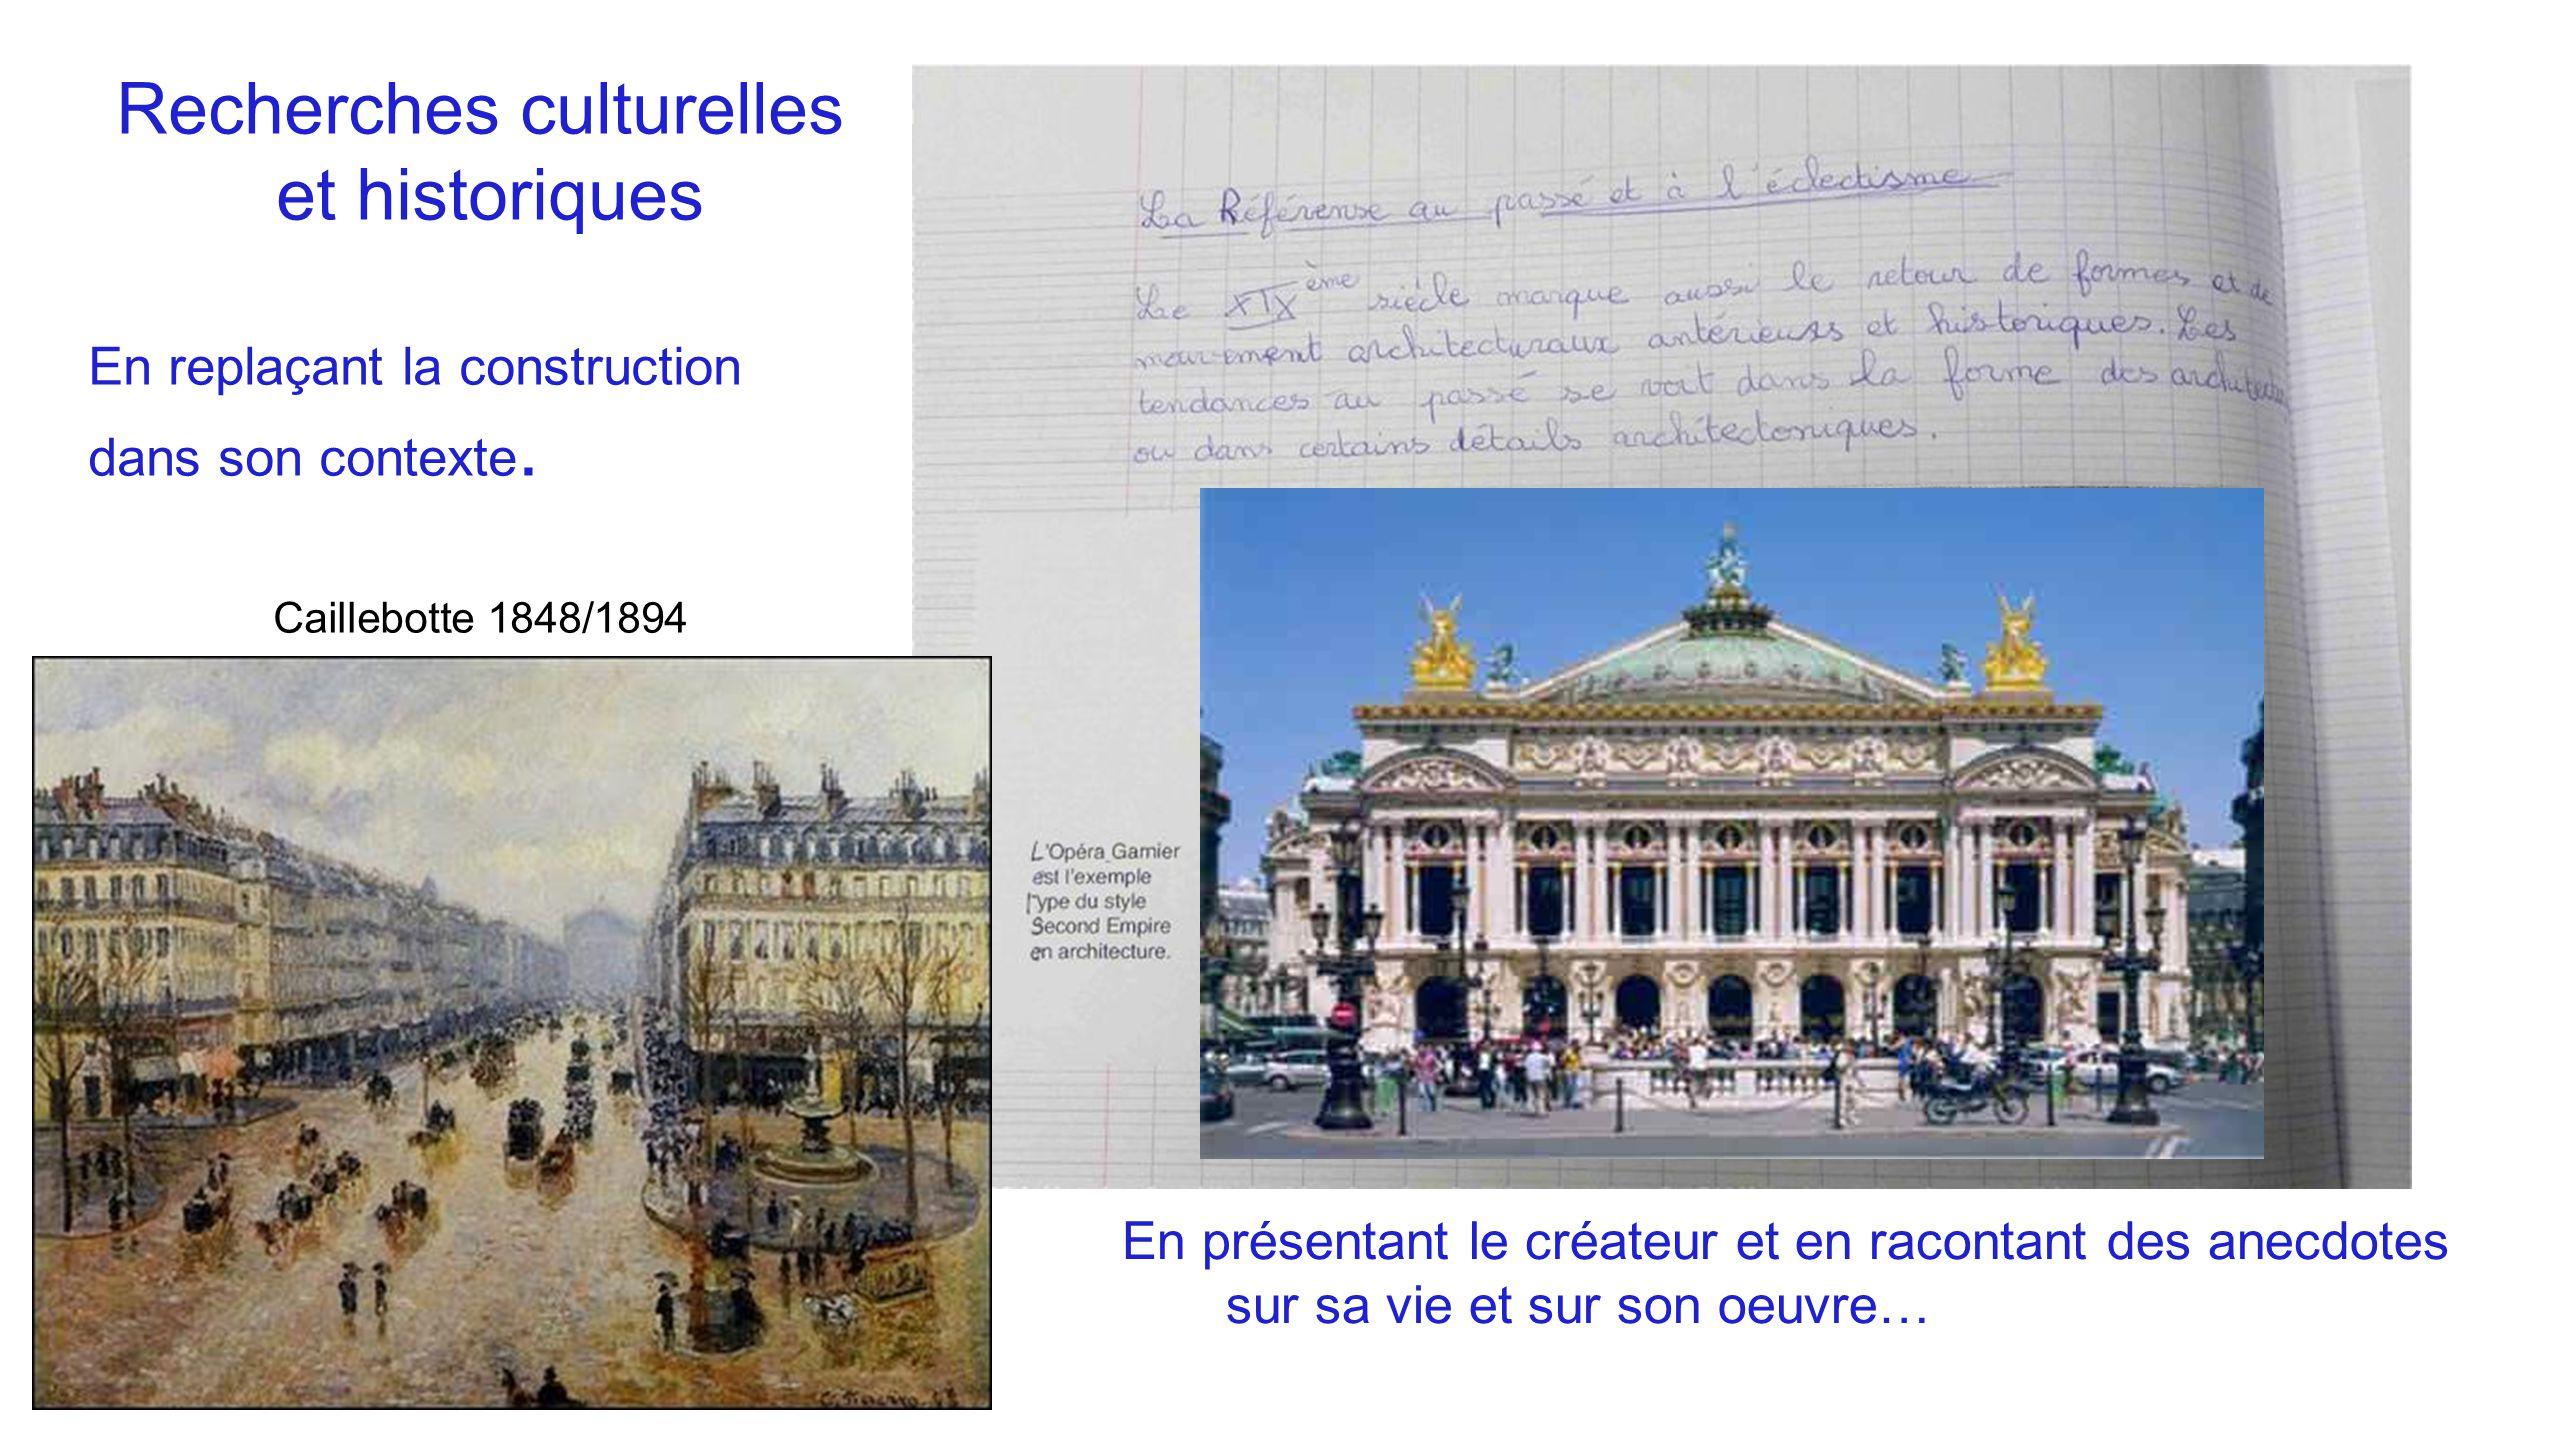 Recherches culturelles et historiques En replaçant la construction dans son contexte. Caillebotte 1848/1894 En présentant le créateur et en racontant